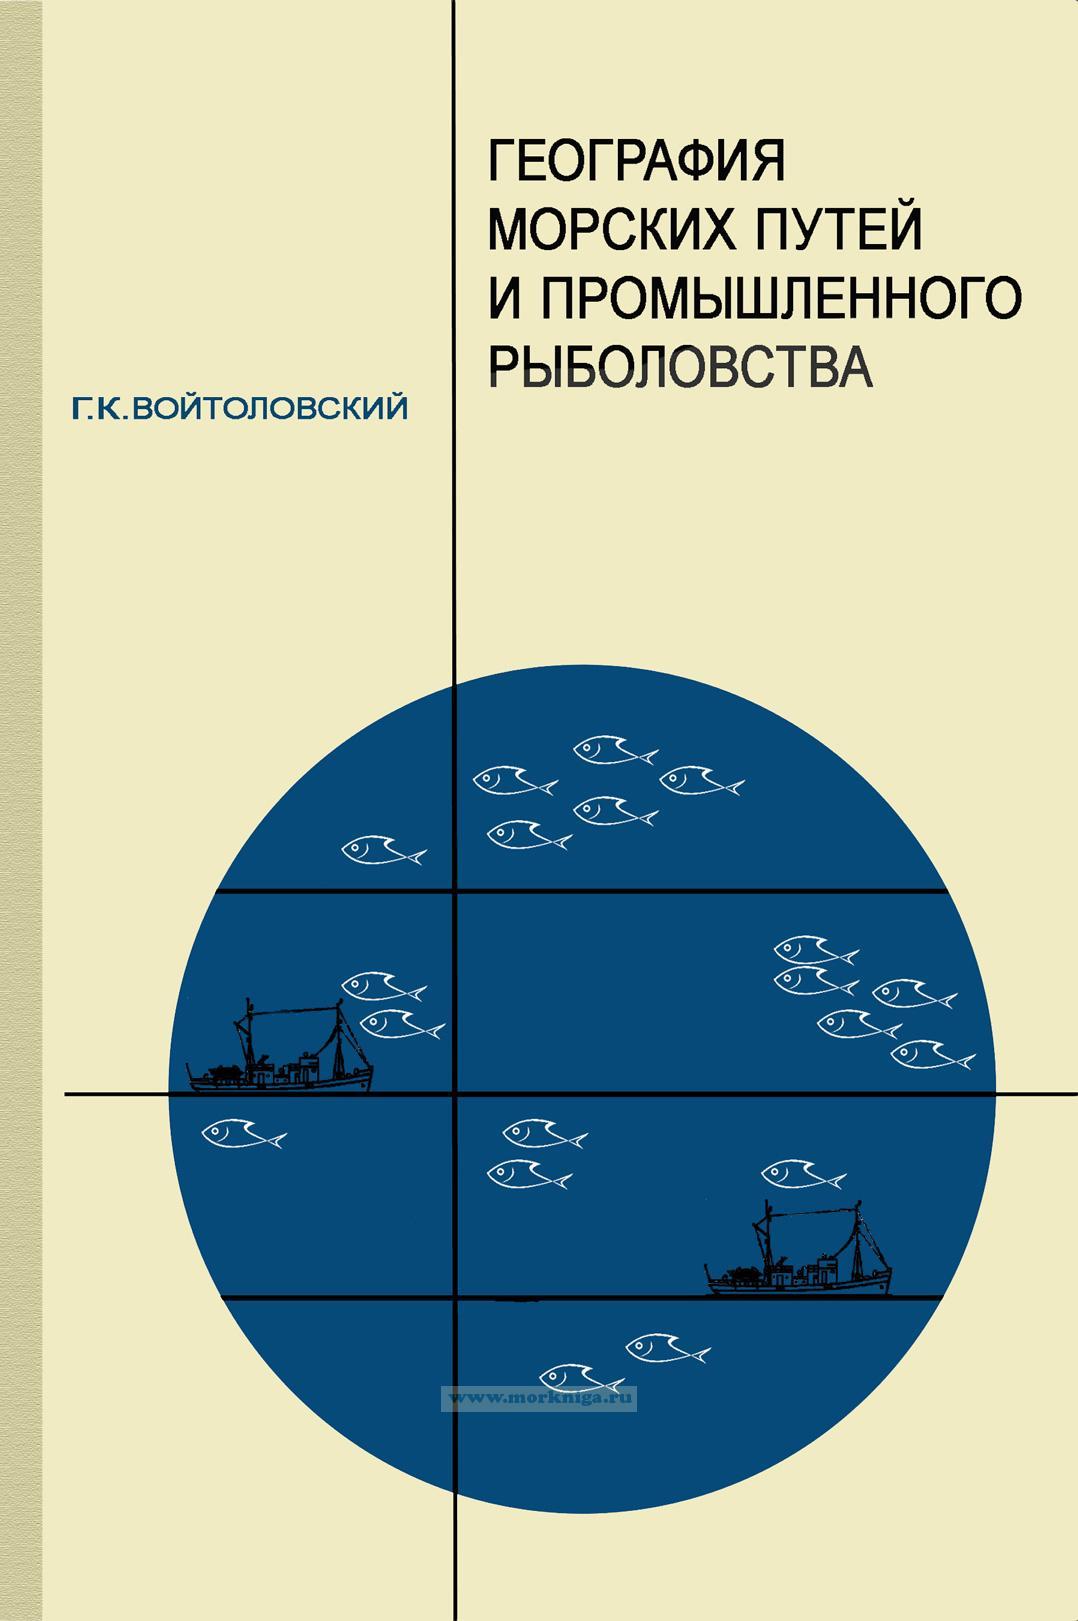 География морских путей и промышленного рыболовства